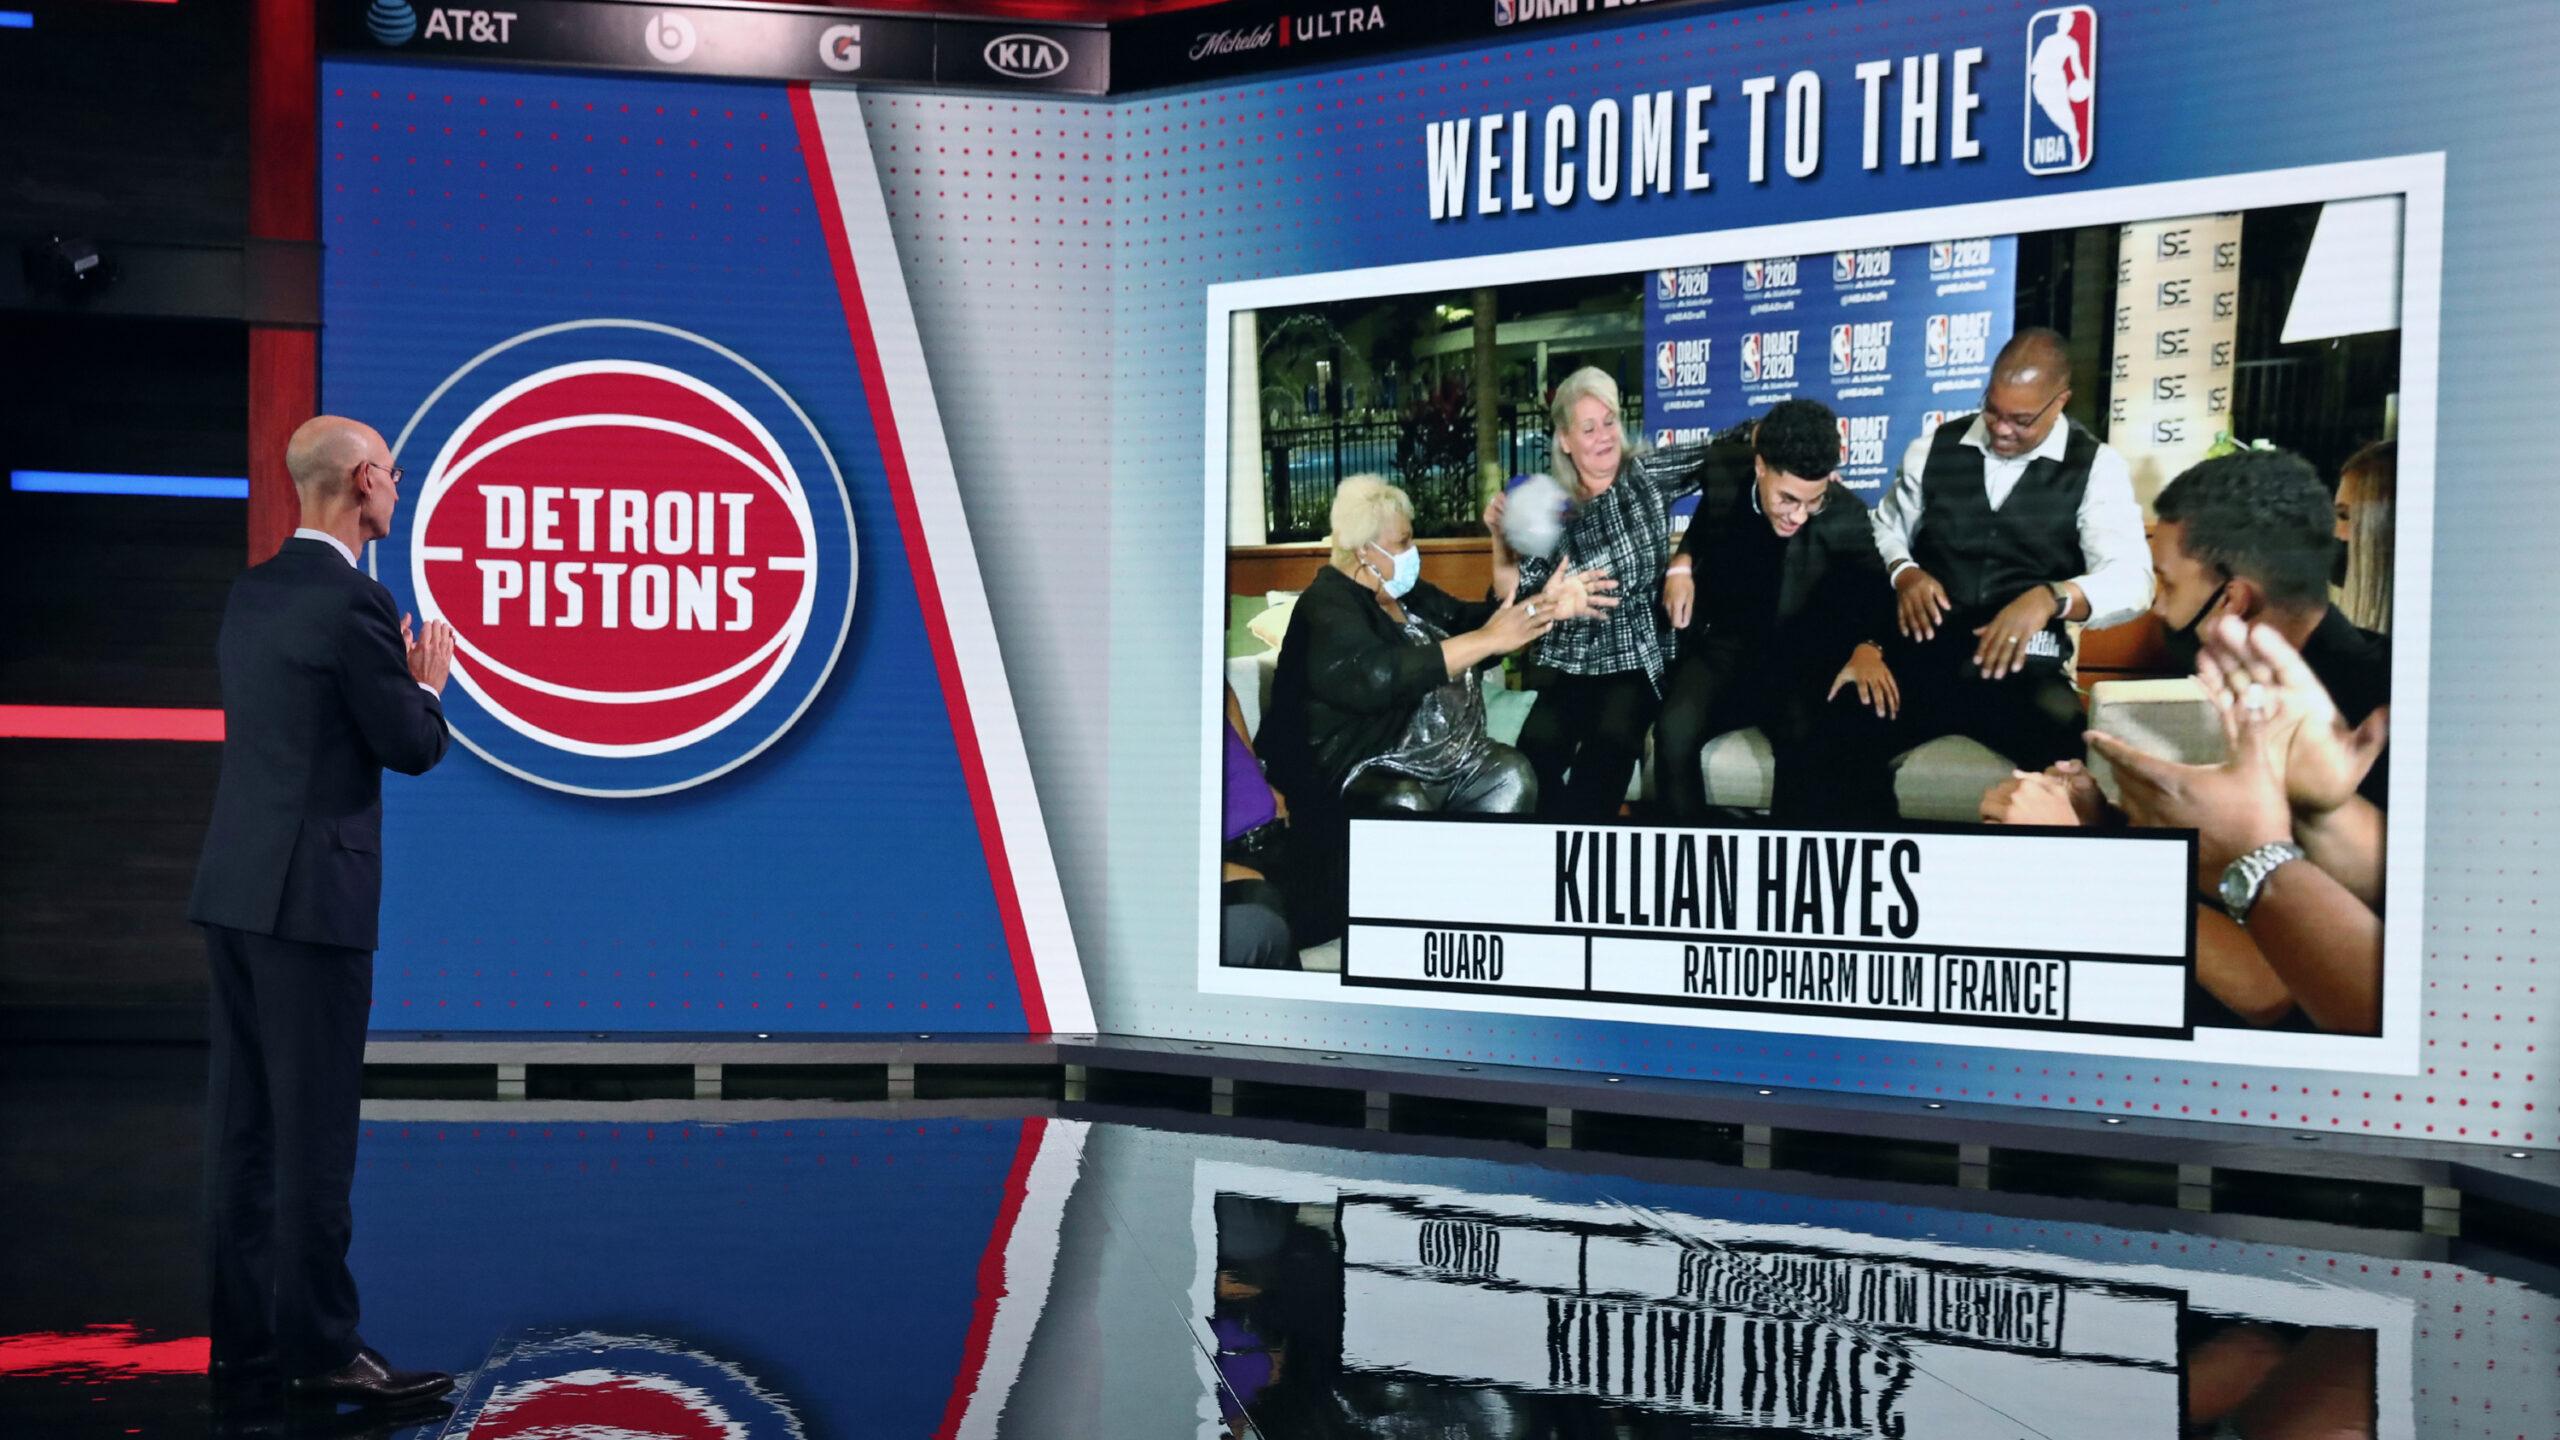 Killian Hayes et sa famille célèbrent sa sélection aux Detroit Pistons en 7e position de la Draft, un record pour un Français. (Photo : Nathaniel S. Butler/AFP)